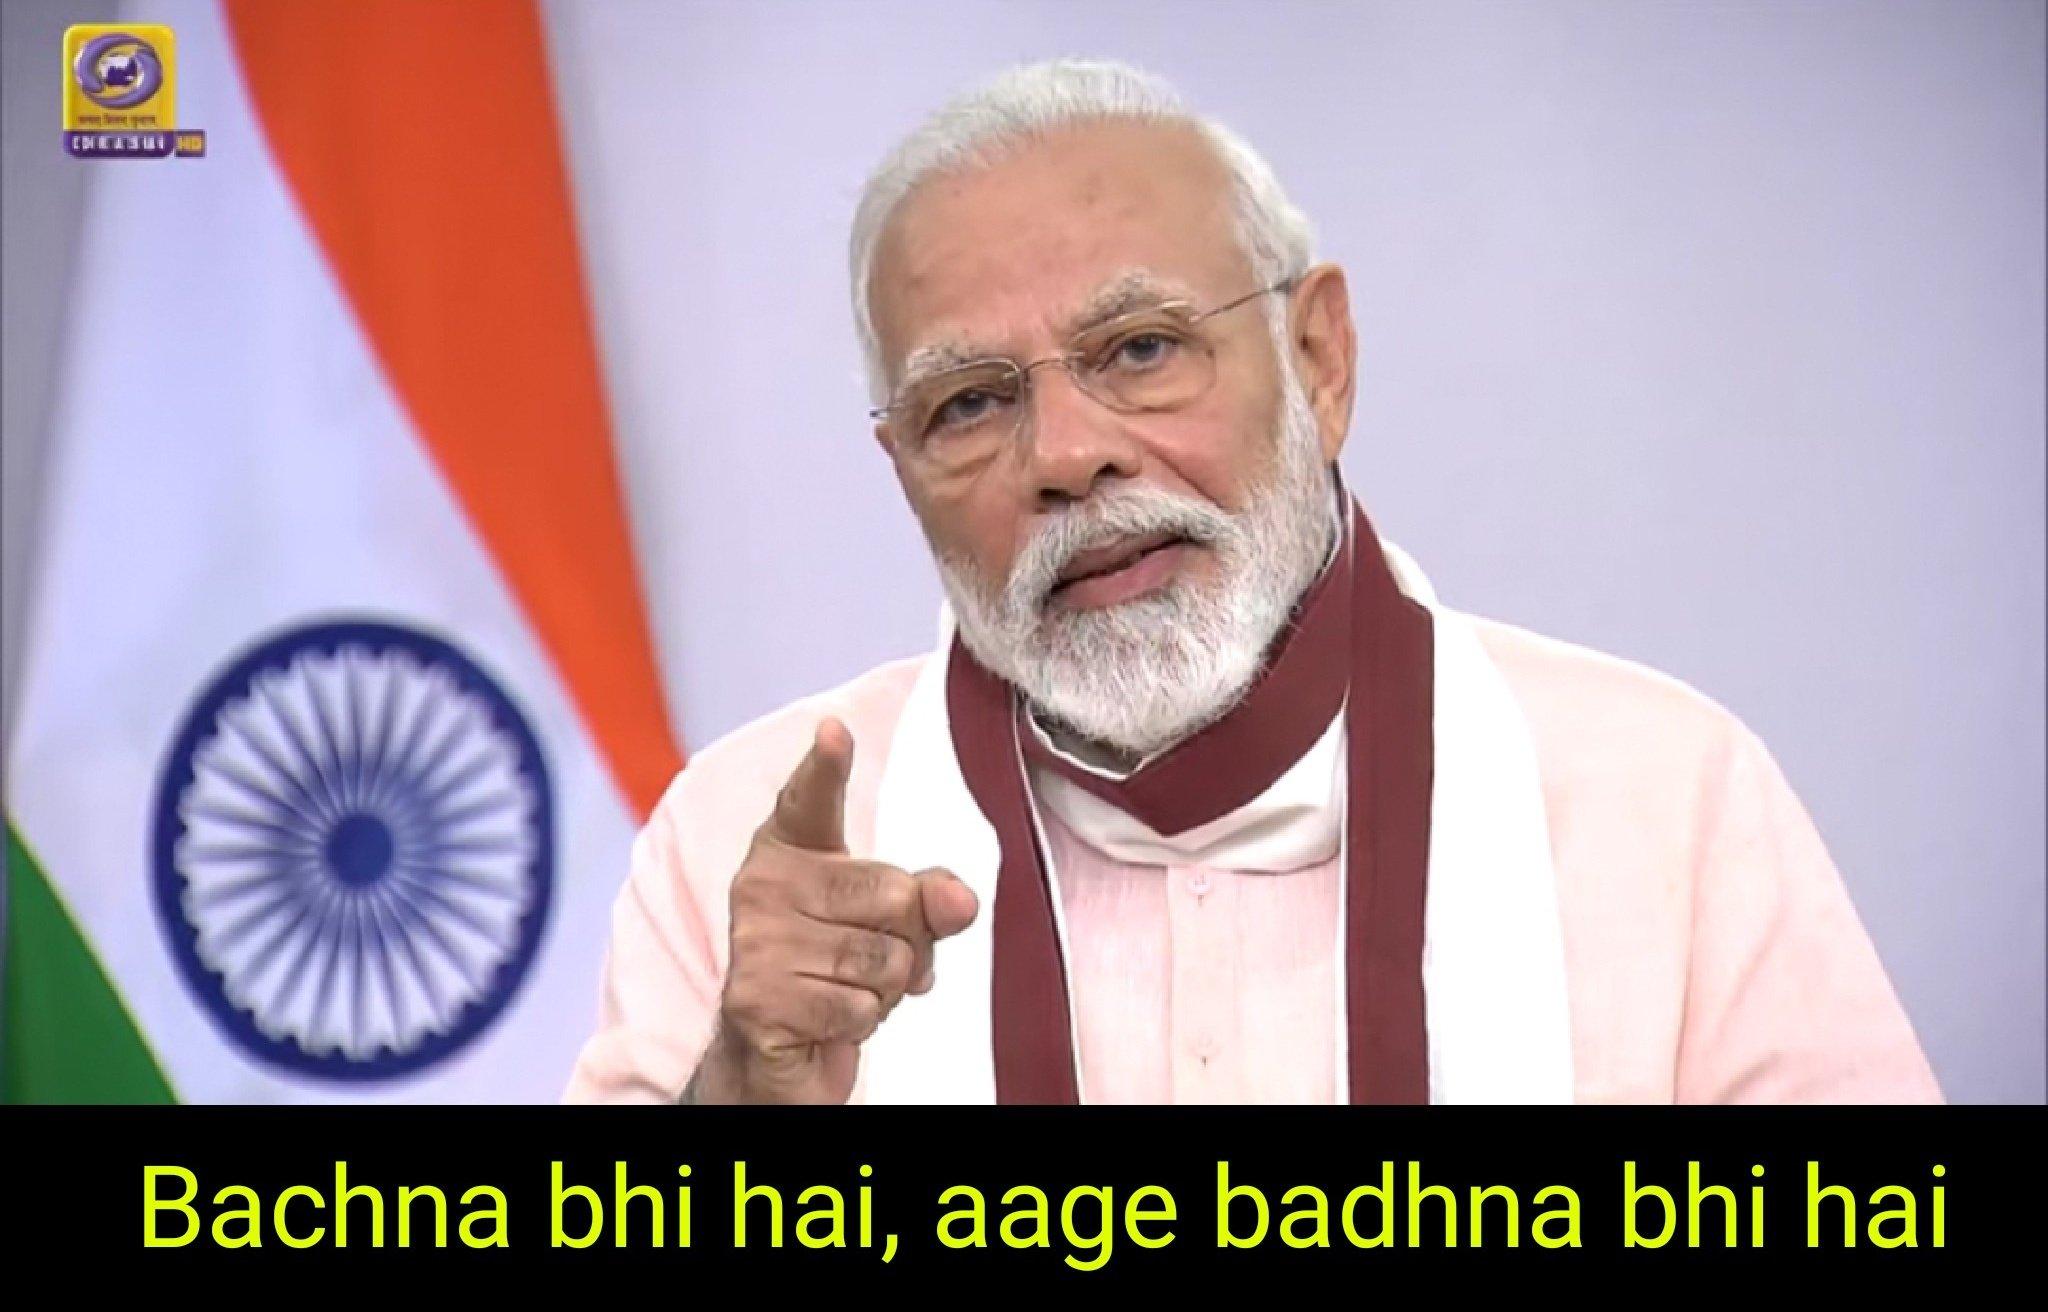 Bachna bhi hai aur aage badhna bhi hai modi announcing lockdown meme